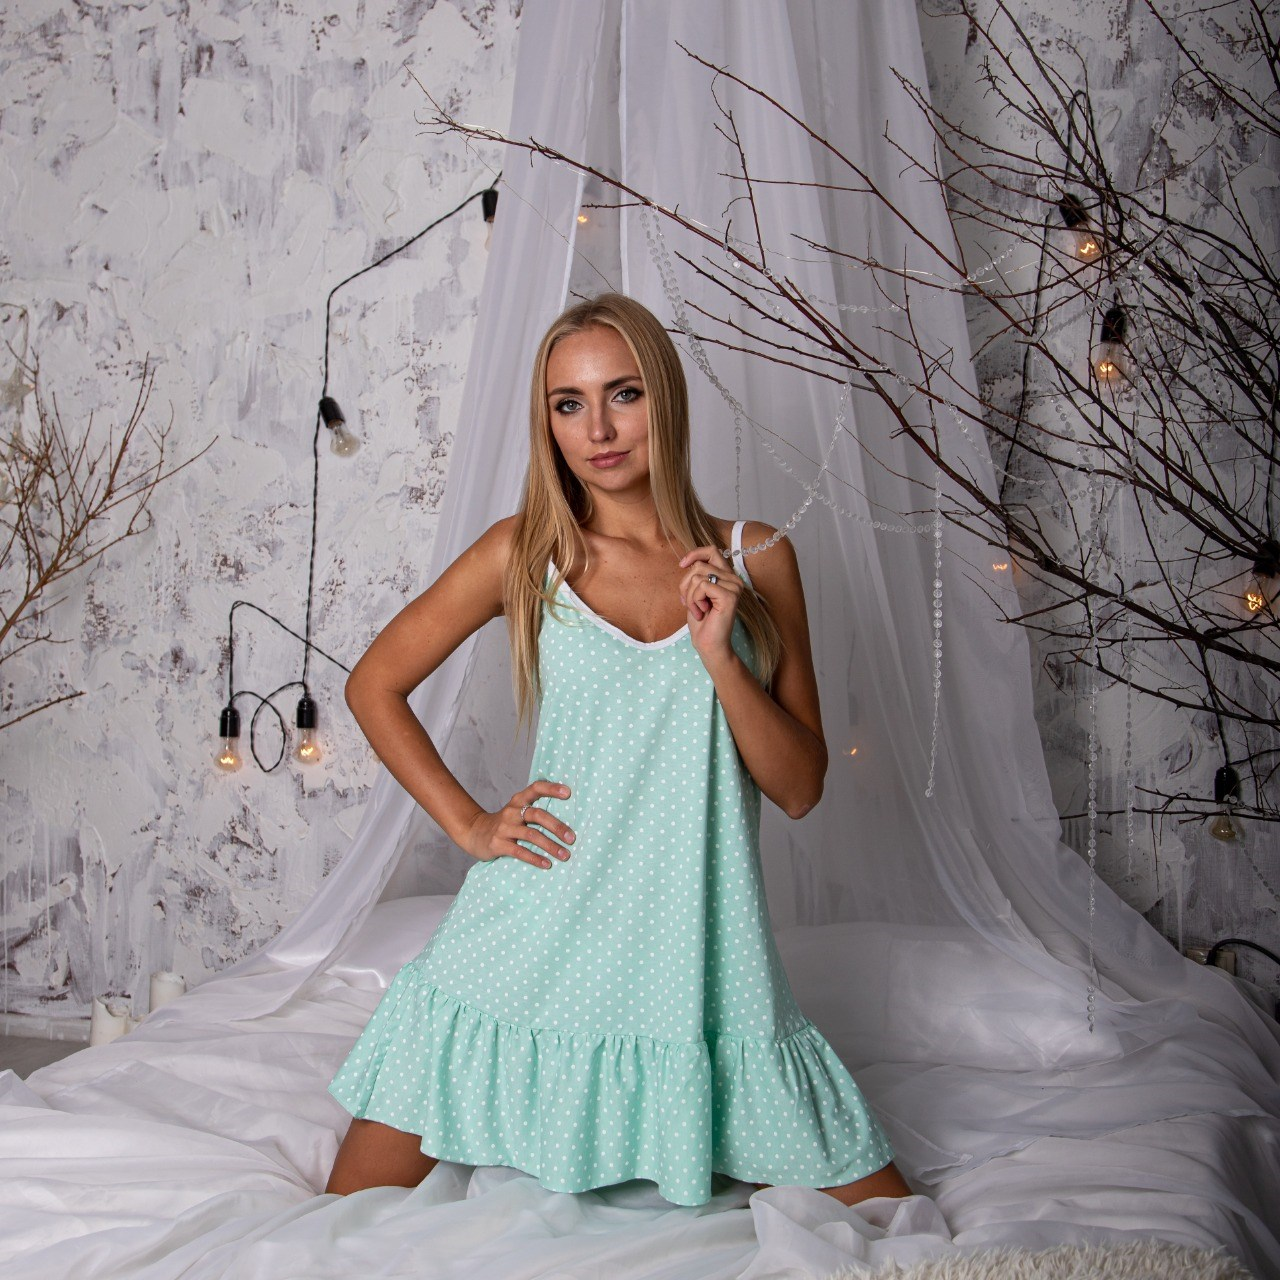 Atoff casa camisa feminina zhs 004 (ervilhas em hortelã/ervilhas azuis)